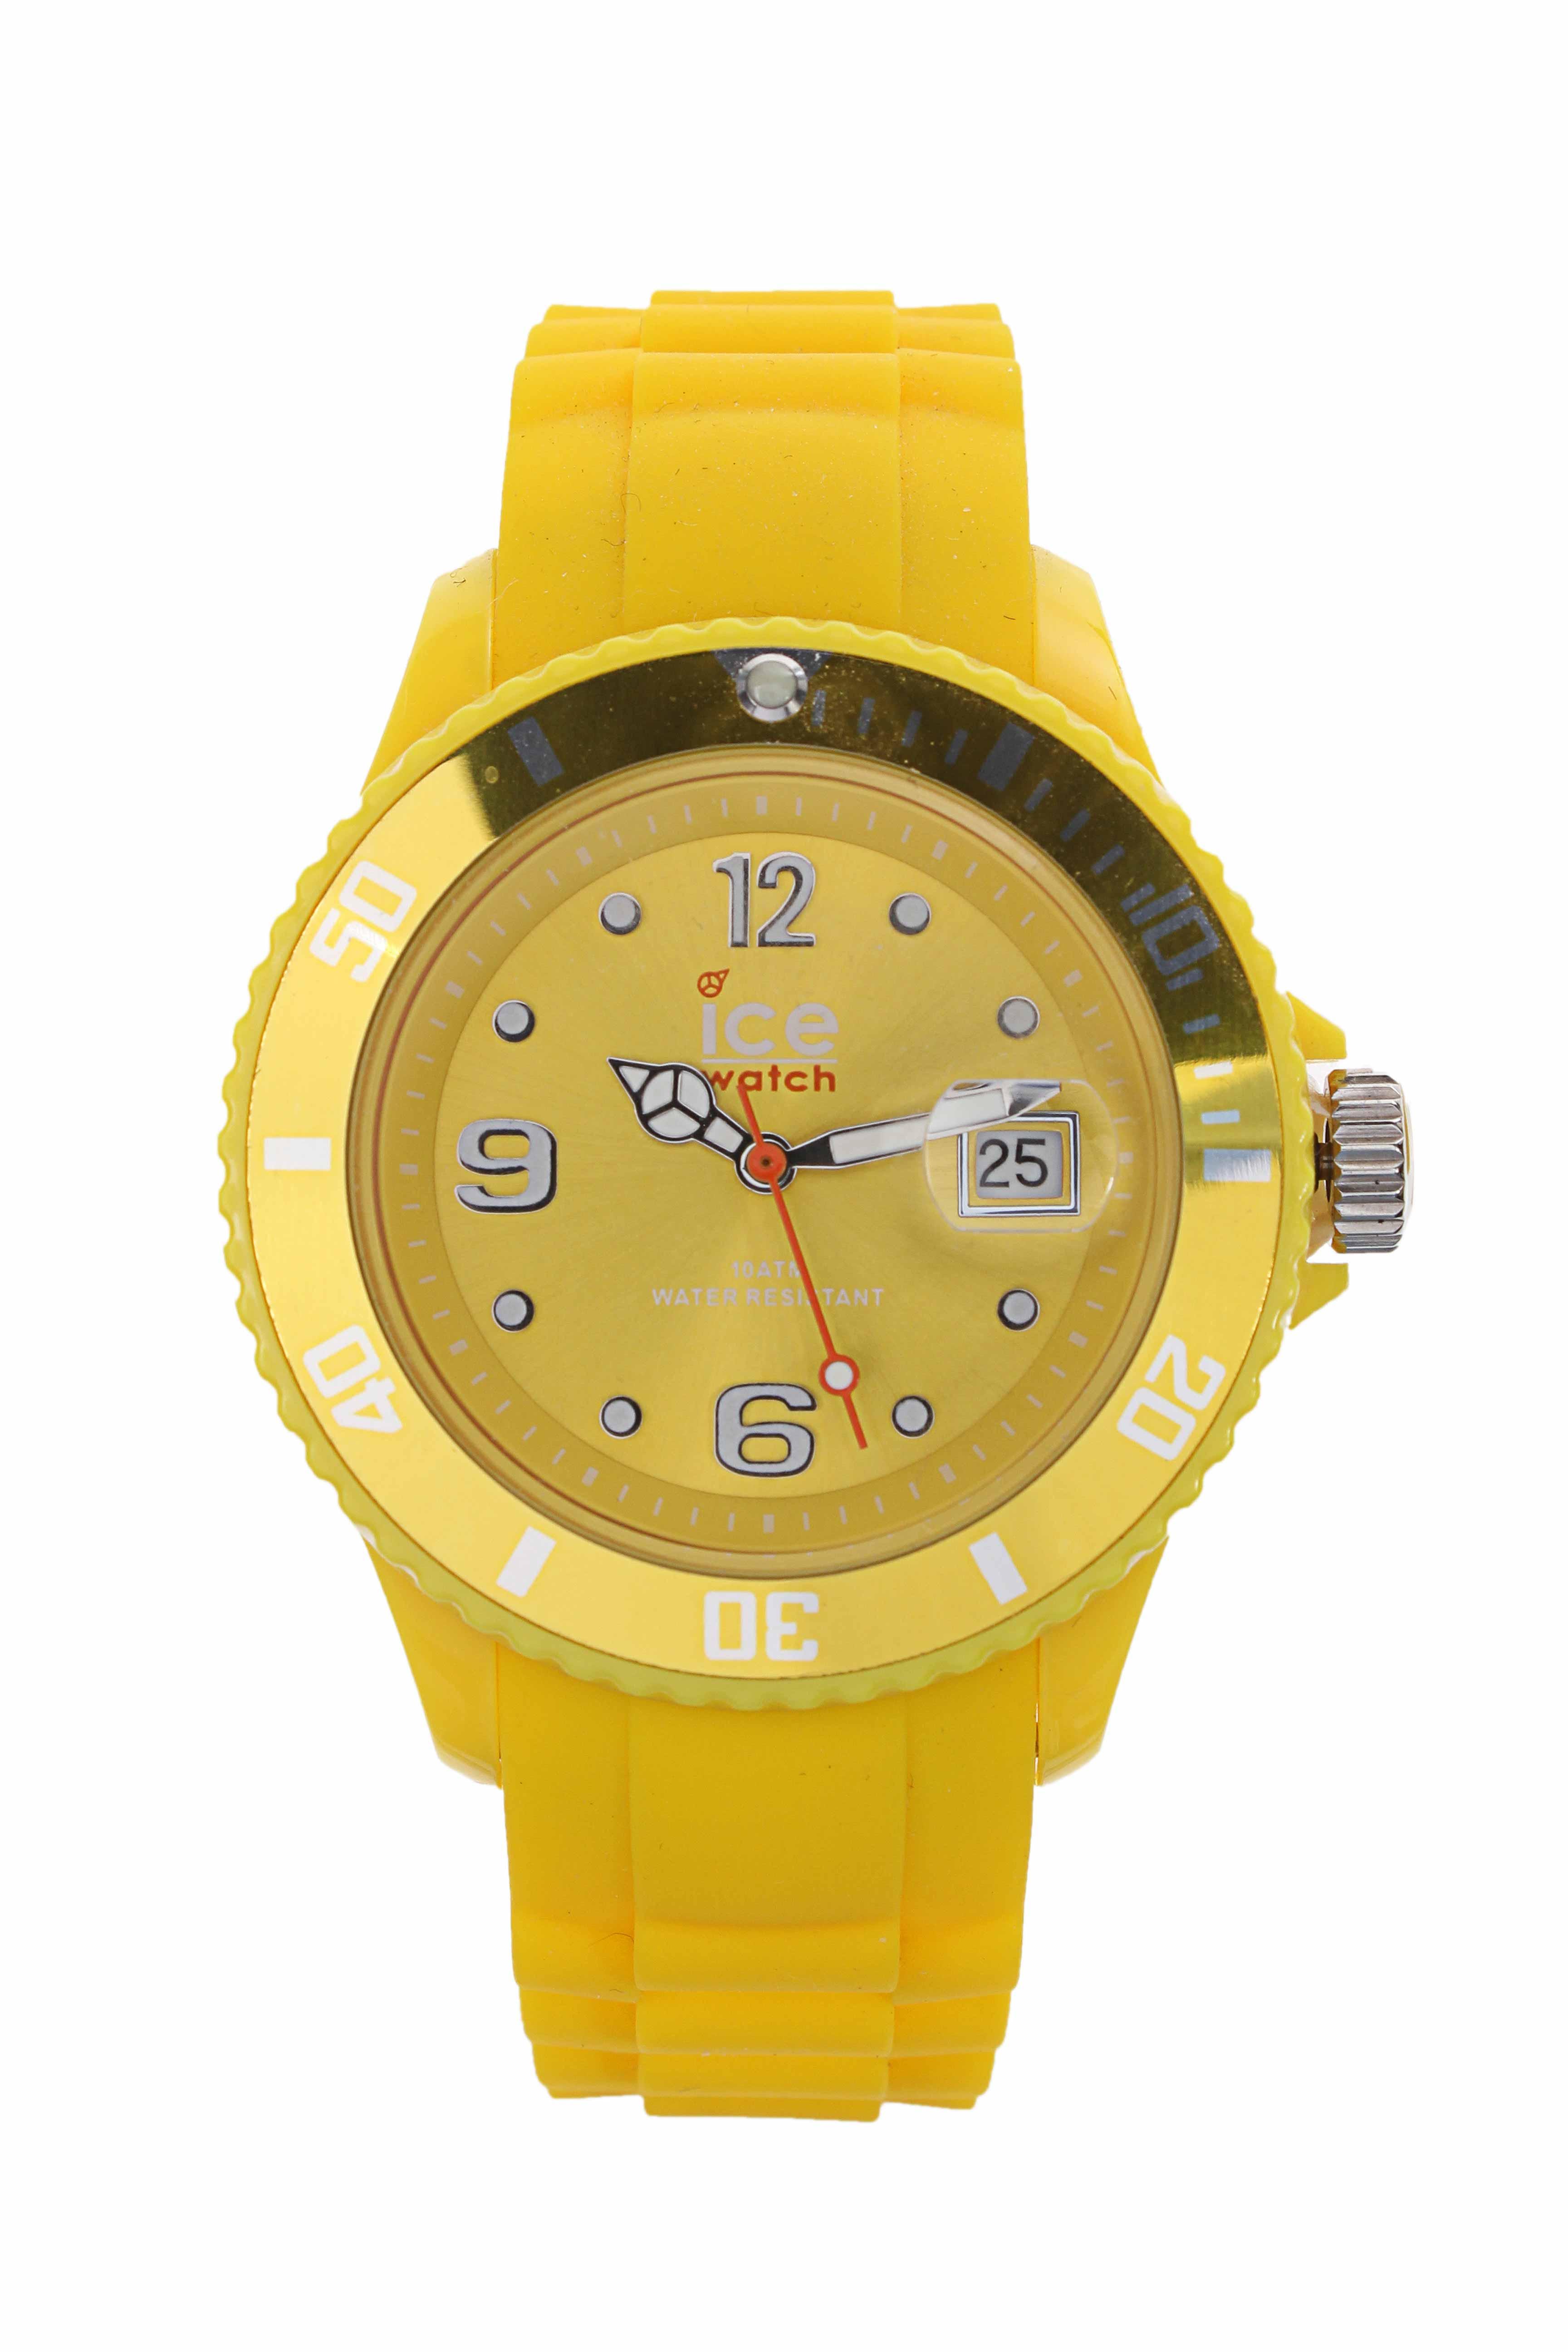 ice watch montres femme de couleur jaune en soldes pas cher 749471 jaune0 modz. Black Bedroom Furniture Sets. Home Design Ideas